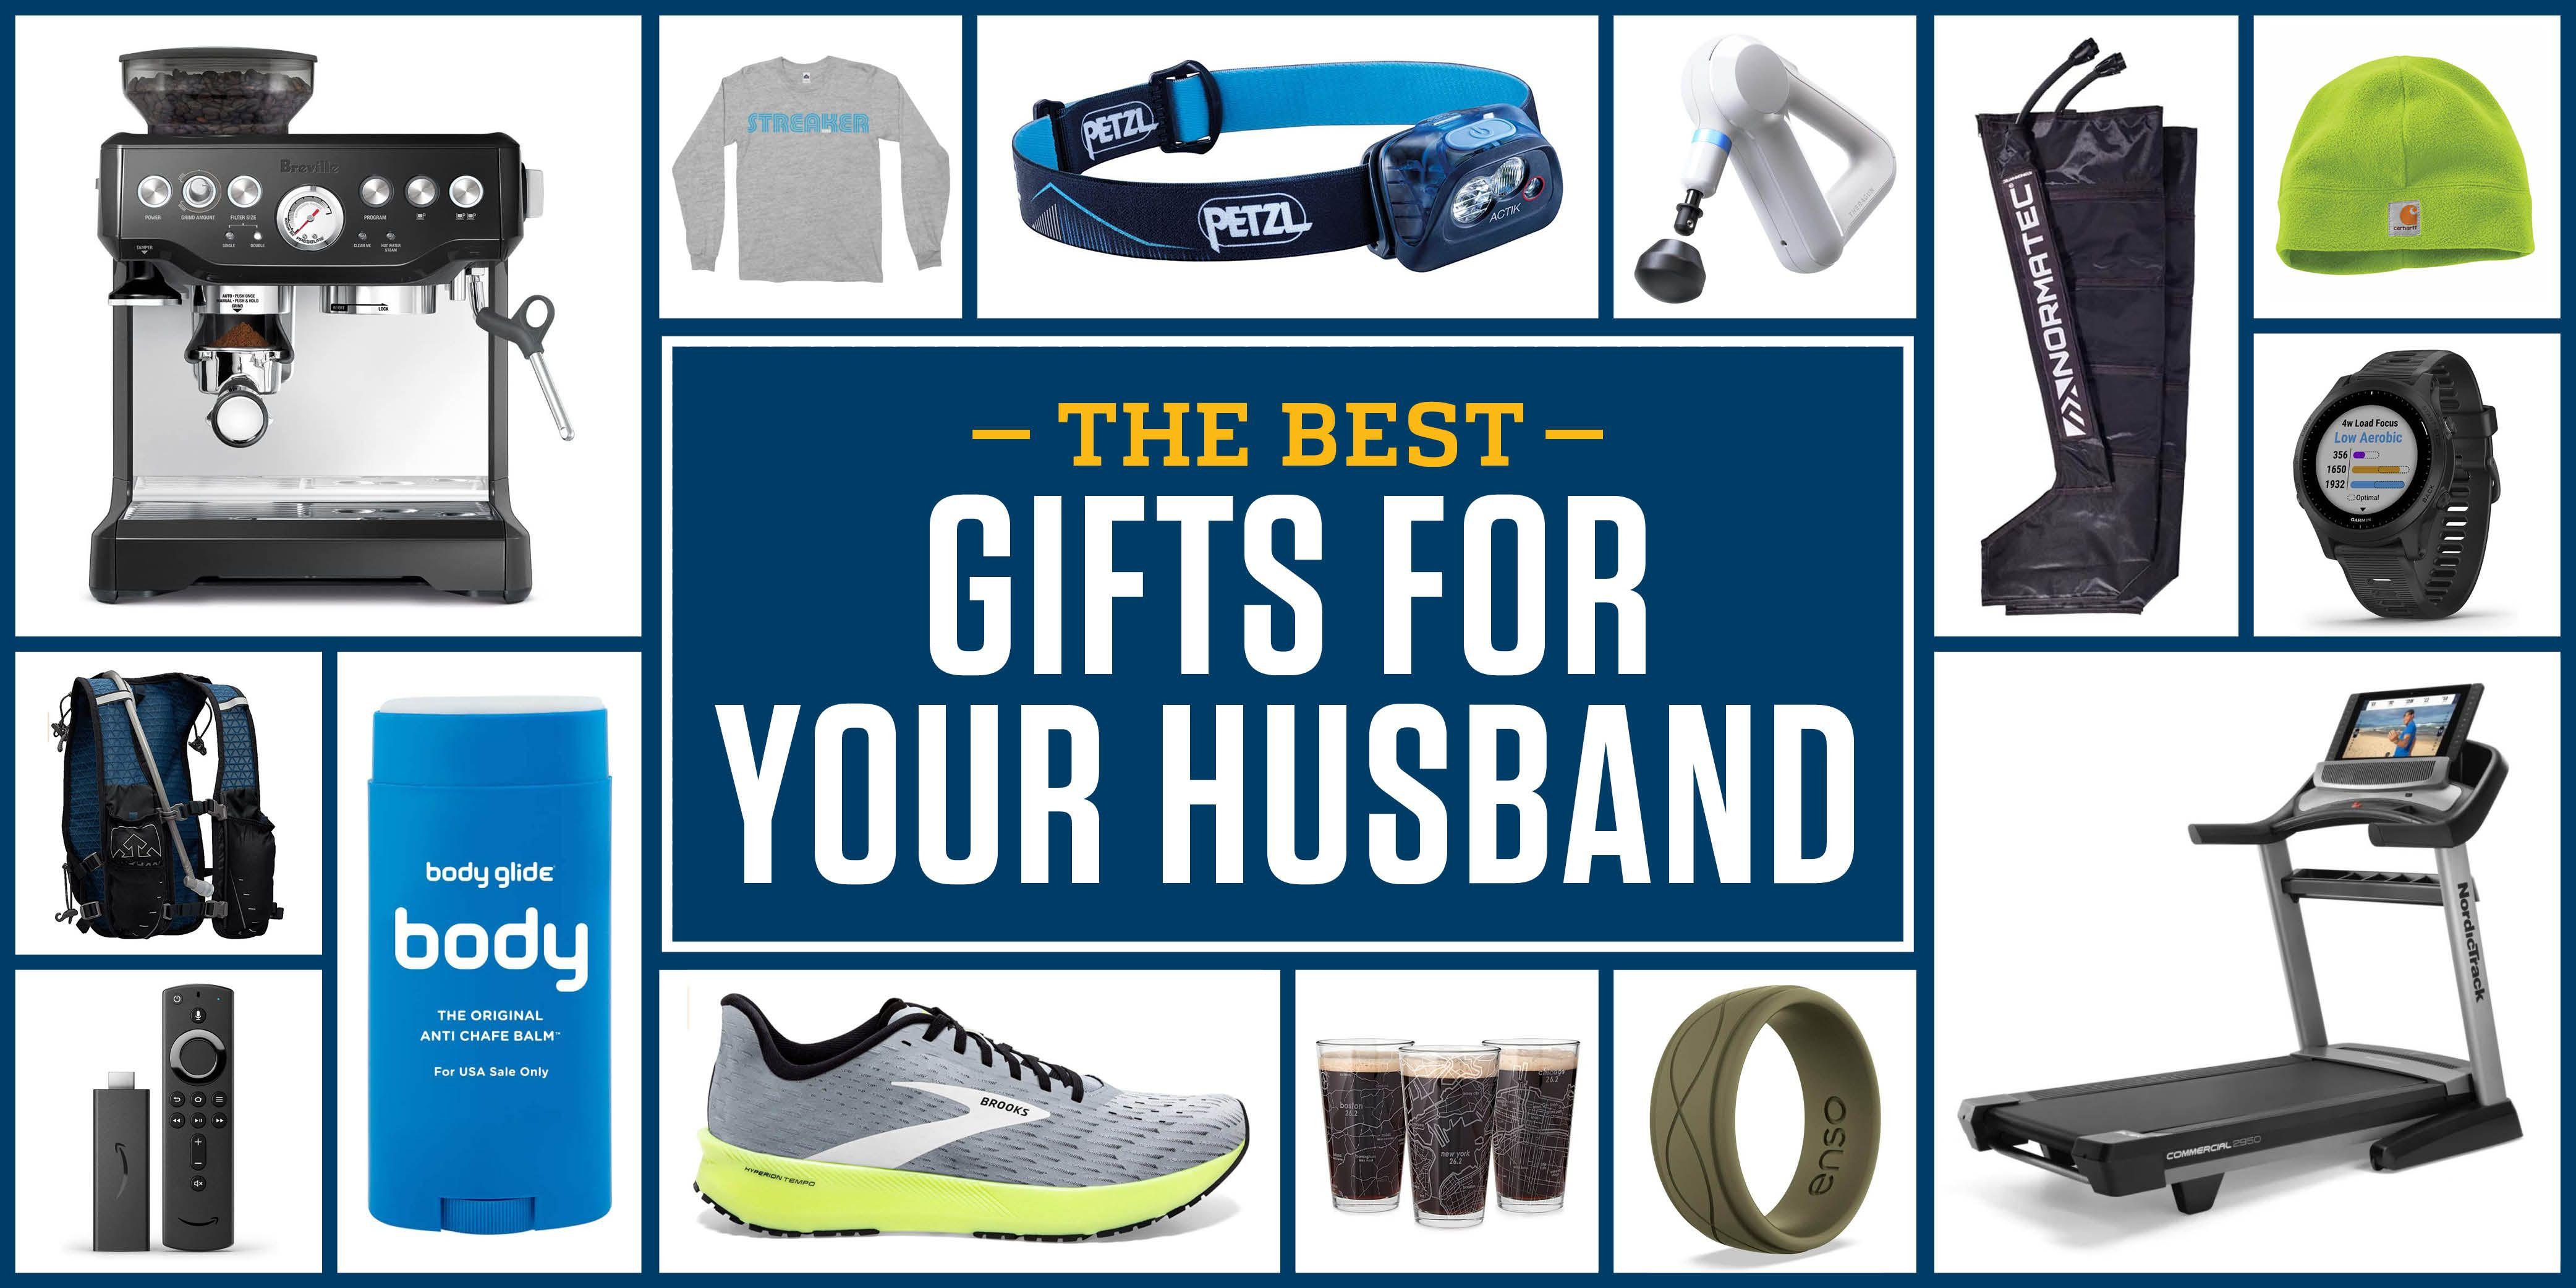 Biker Runner Bags Runner Cycling Gifts Exercise Runner Gifts for Men Gift for Athlete Runner Cycling Runner Gifts for Women